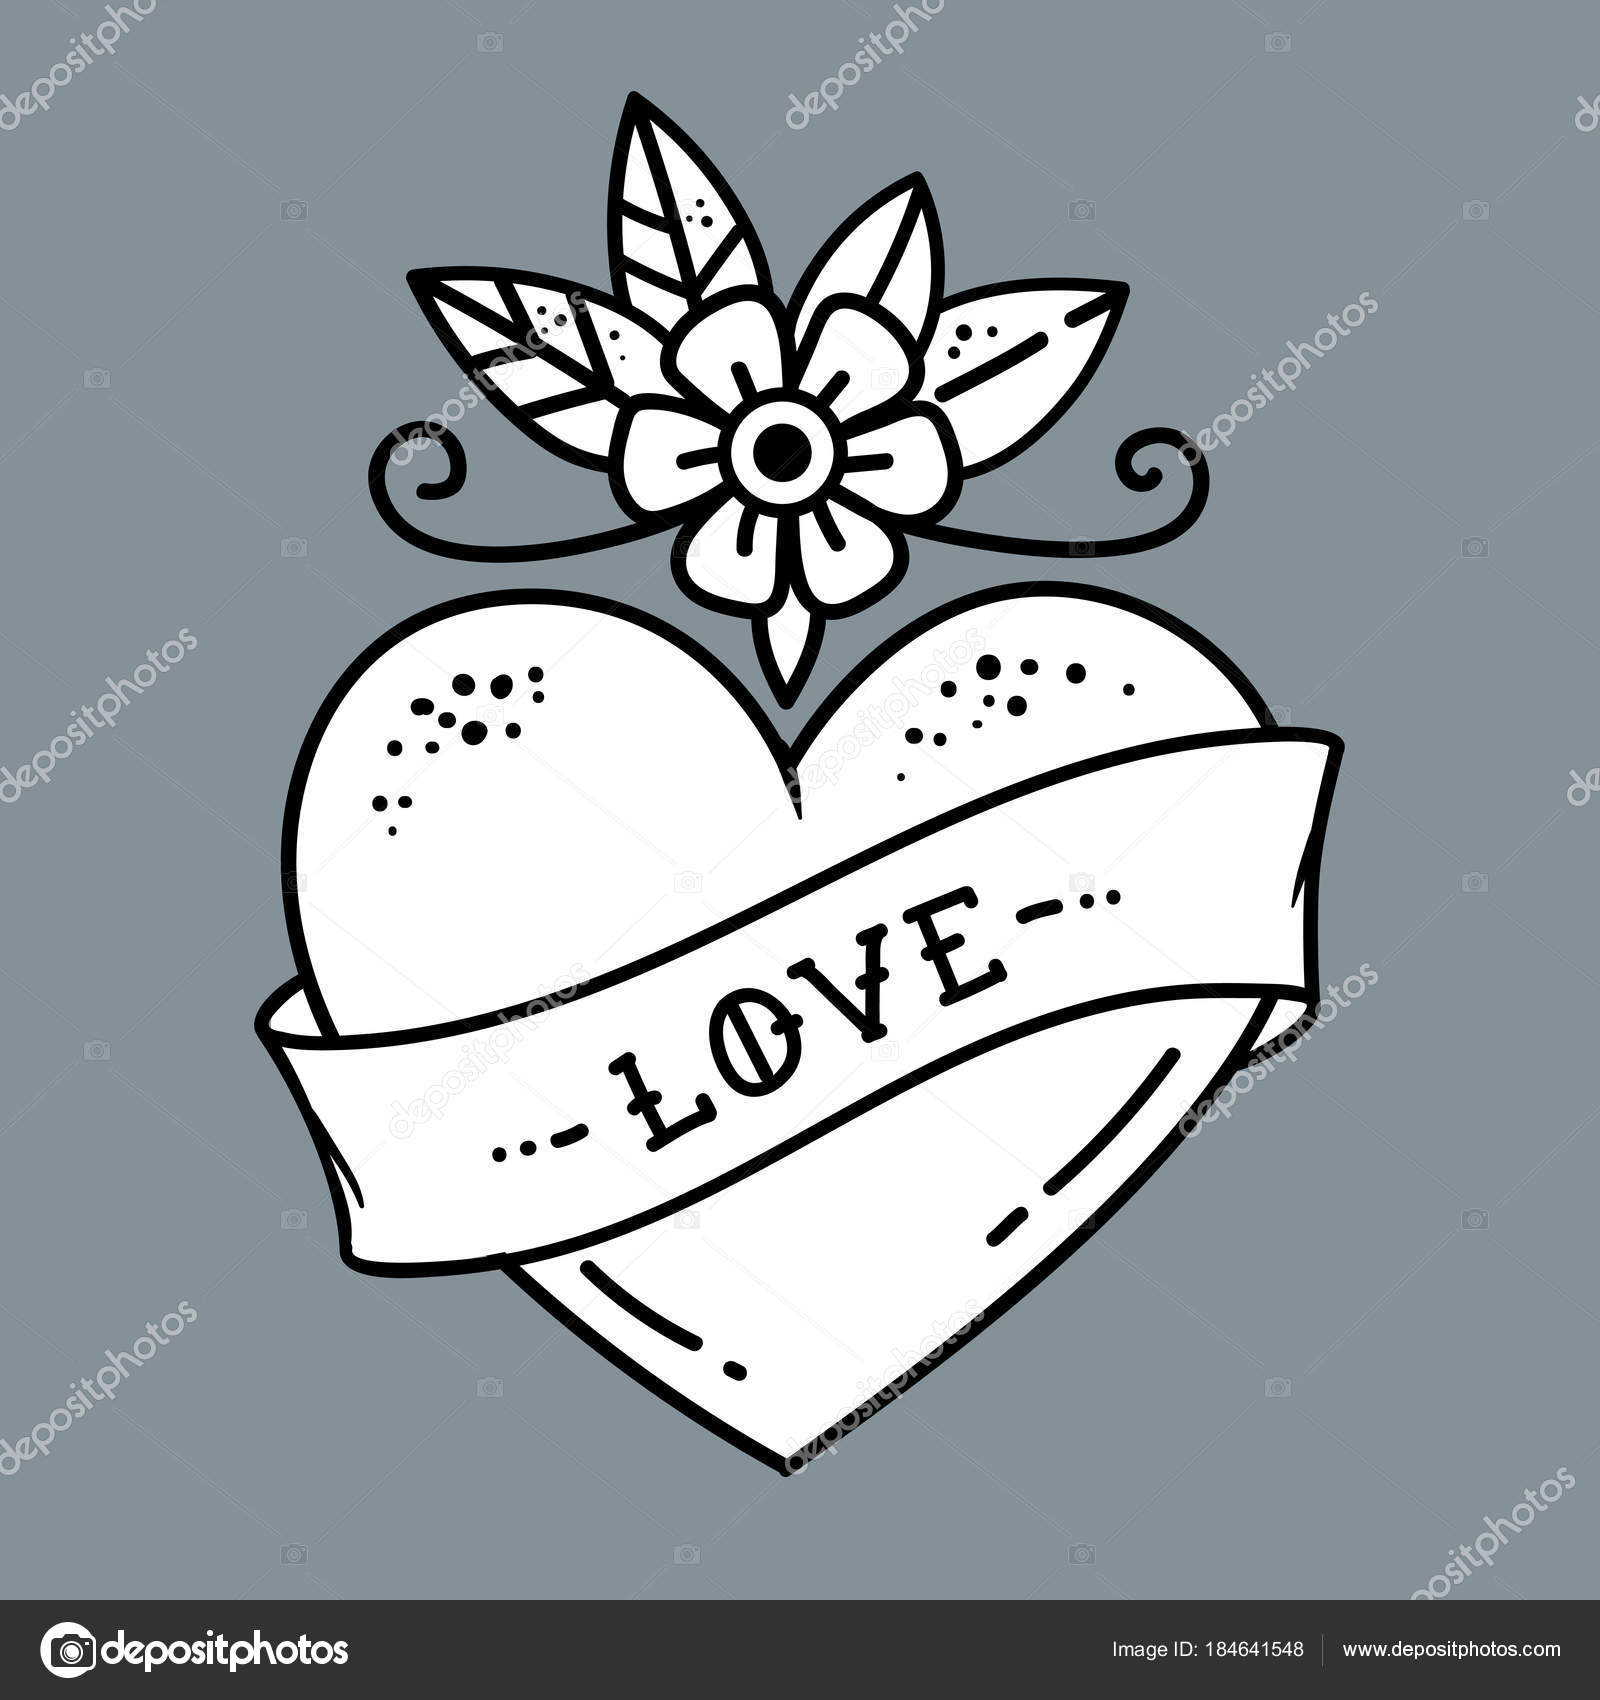 Tatouage Coeur Avec Fleurs Et Ruban Symbole De L Amour Image